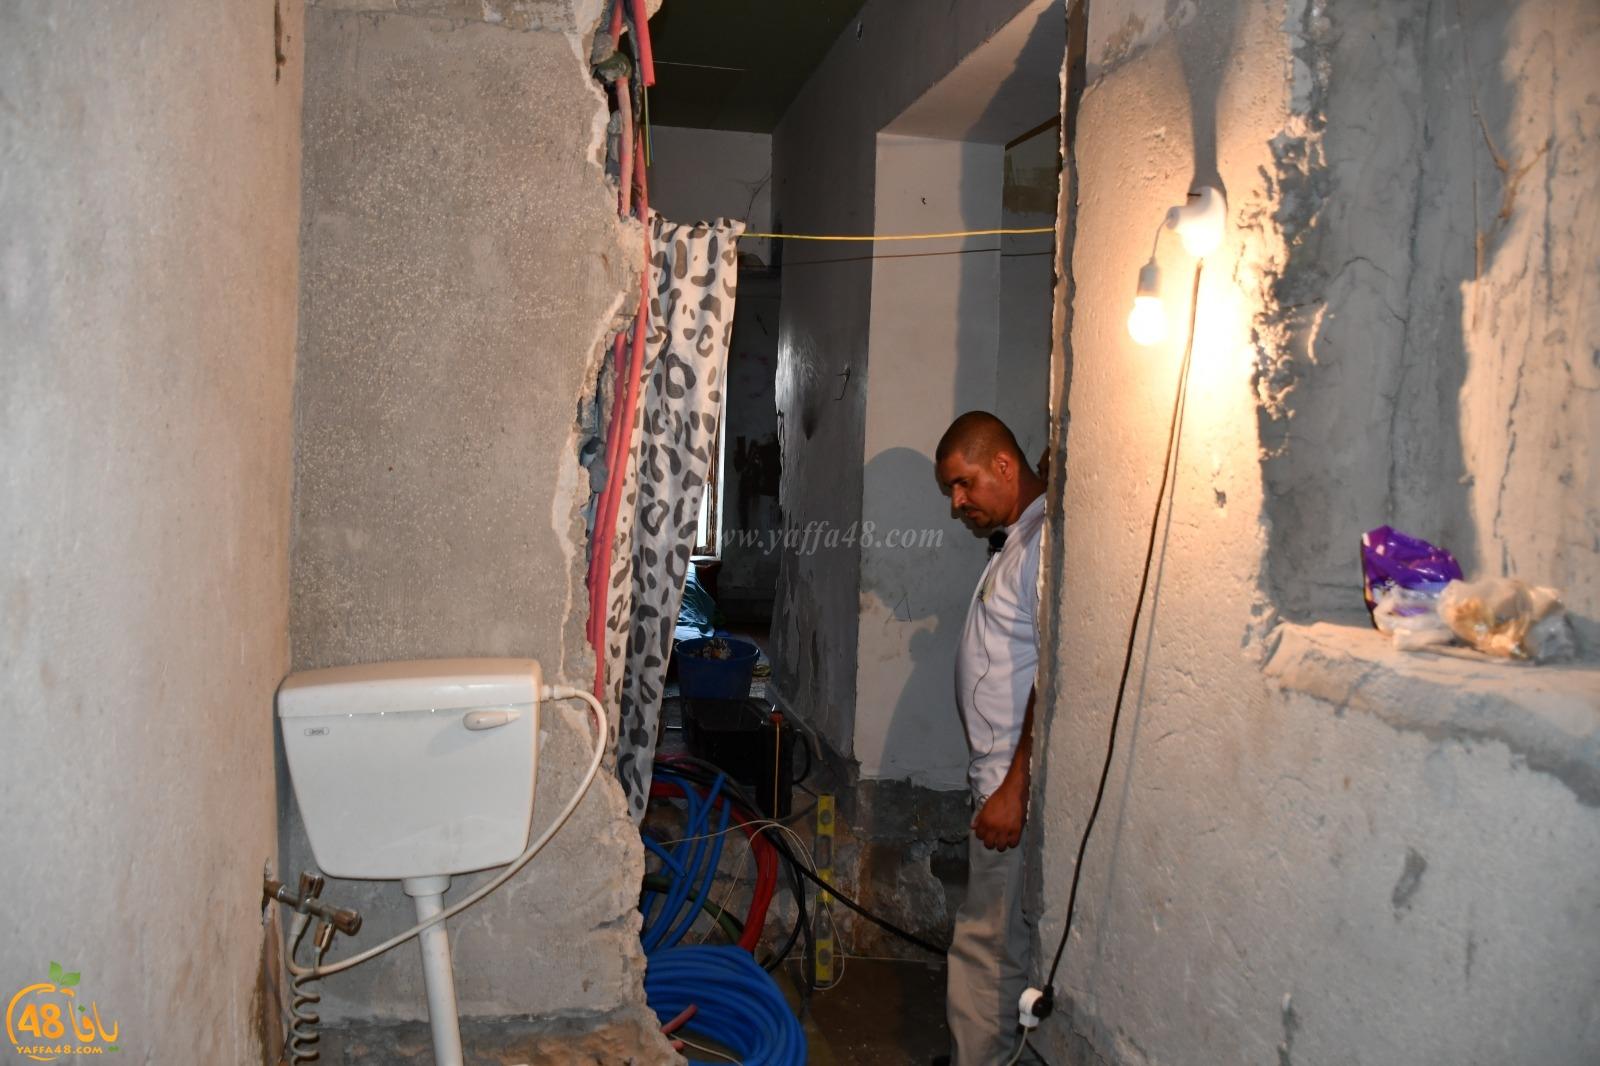 فيديو: جمعية يافا تُطلق نداء استغاثة لصيانة بيت عائلة فقيرة في حي العرقتنجي بيافا